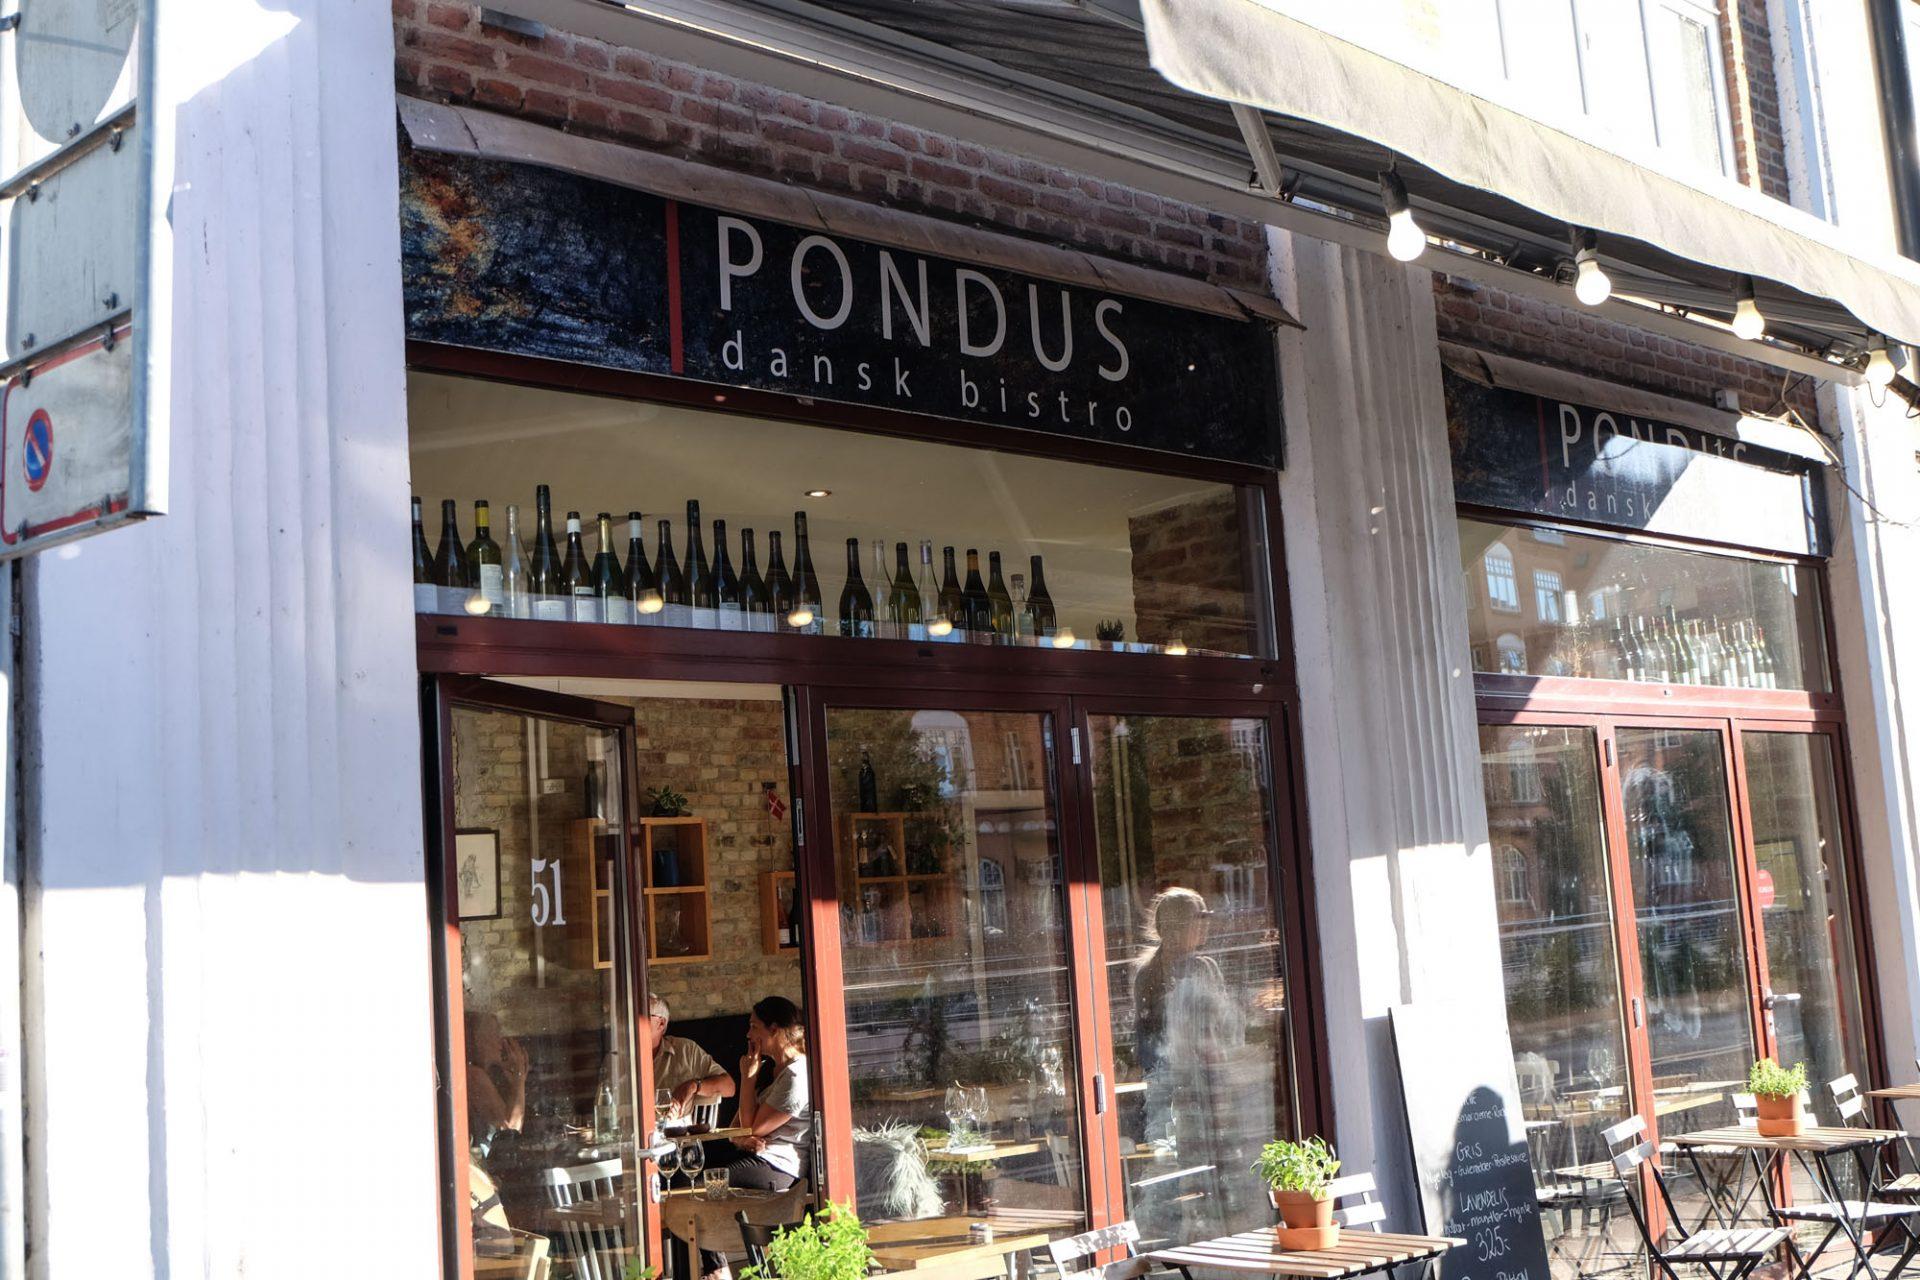 Madanmeldelse: En helt igennem vellykket aften på Pondus